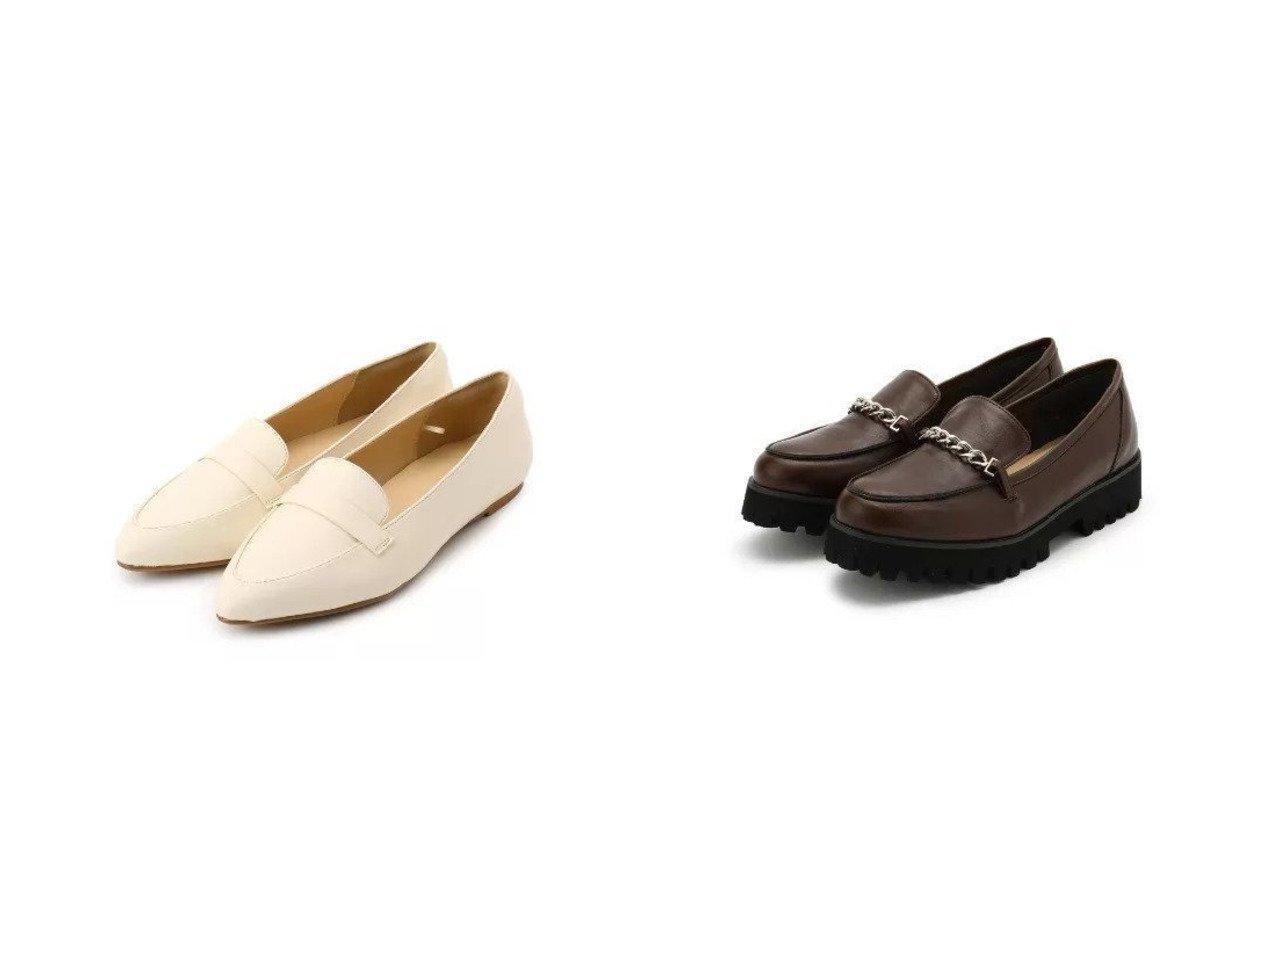 【SHOO LA RUE / DRESKIP/シューラルー ドレスキップ】の【中敷き制菌・防臭】ア-モンドトウフラット&厚底チェ-ンロ-ファ- シューズ・靴のおすすめ!人気、トレンド・レディースファッションの通販 おすすめで人気の流行・トレンド、ファッションの通販商品 メンズファッション・キッズファッション・インテリア・家具・レディースファッション・服の通販 founy(ファニー) https://founy.com/ ファッション Fashion レディースファッション WOMEN アーモンドトゥ インソール クラシカル シューズ スタイリッシュ フラット クール チェーン メタル 厚底 |ID:crp329100000022553